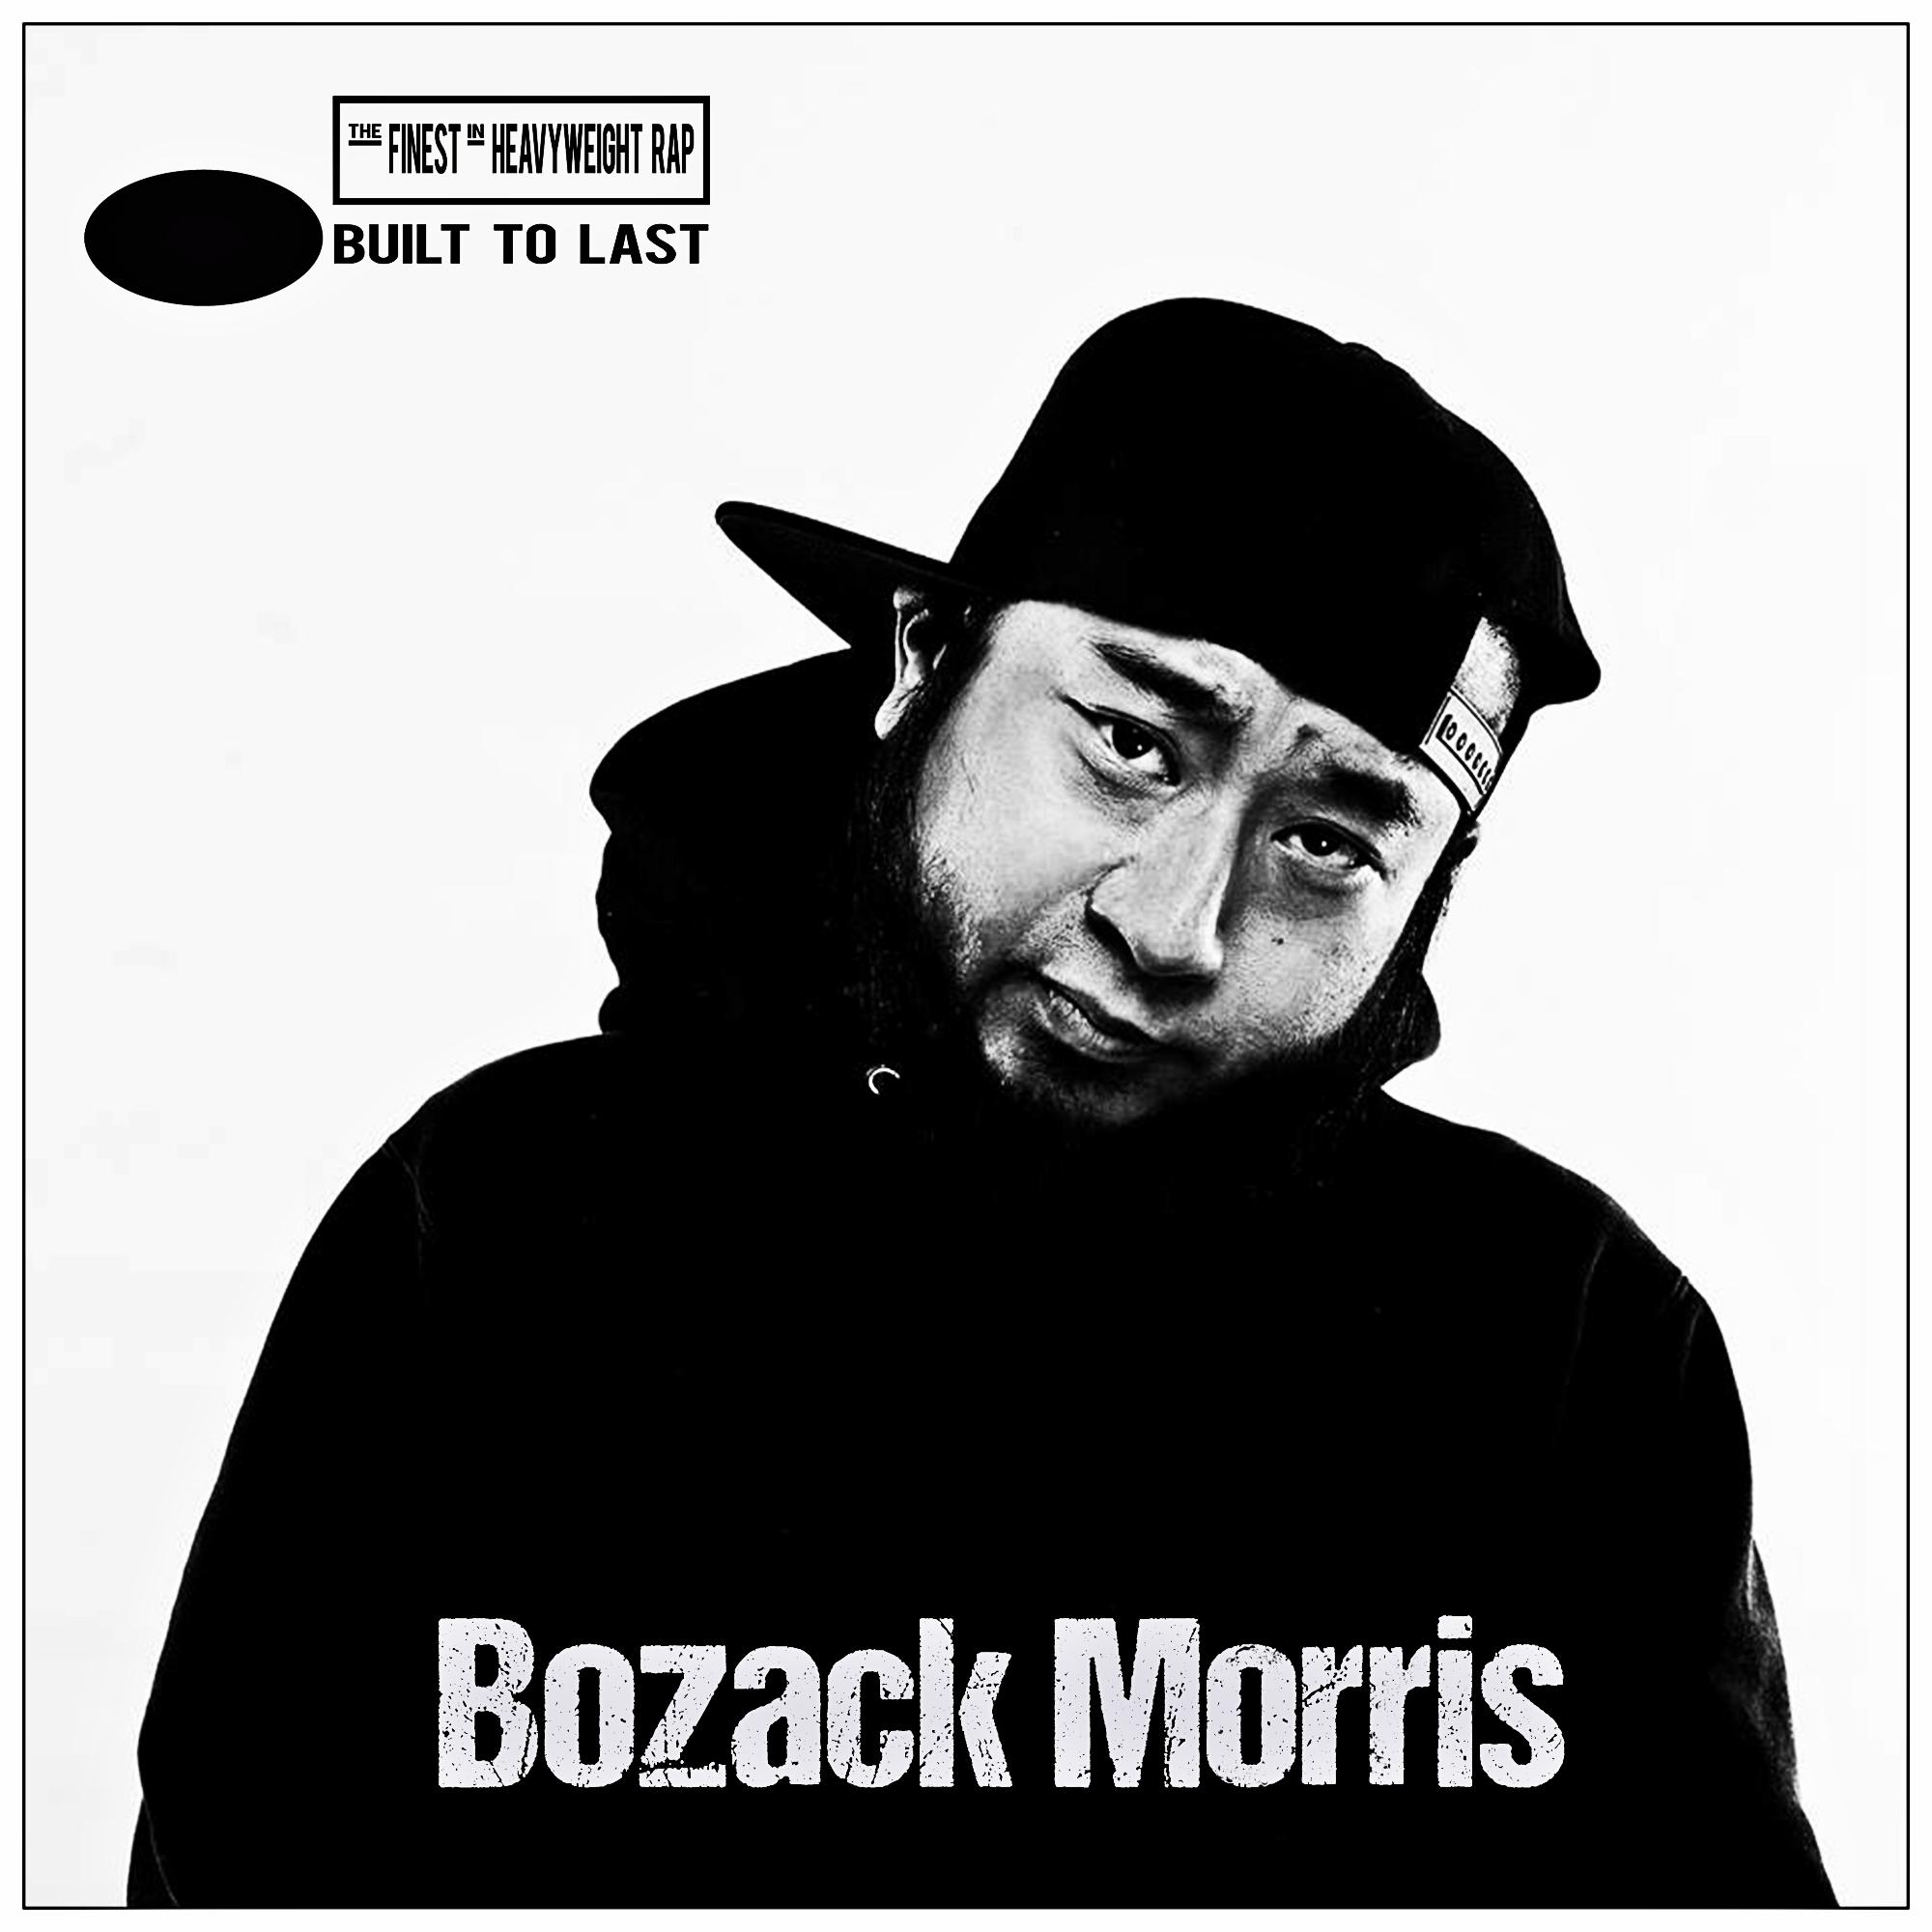 BOZACK MORRIS - BTL Mix